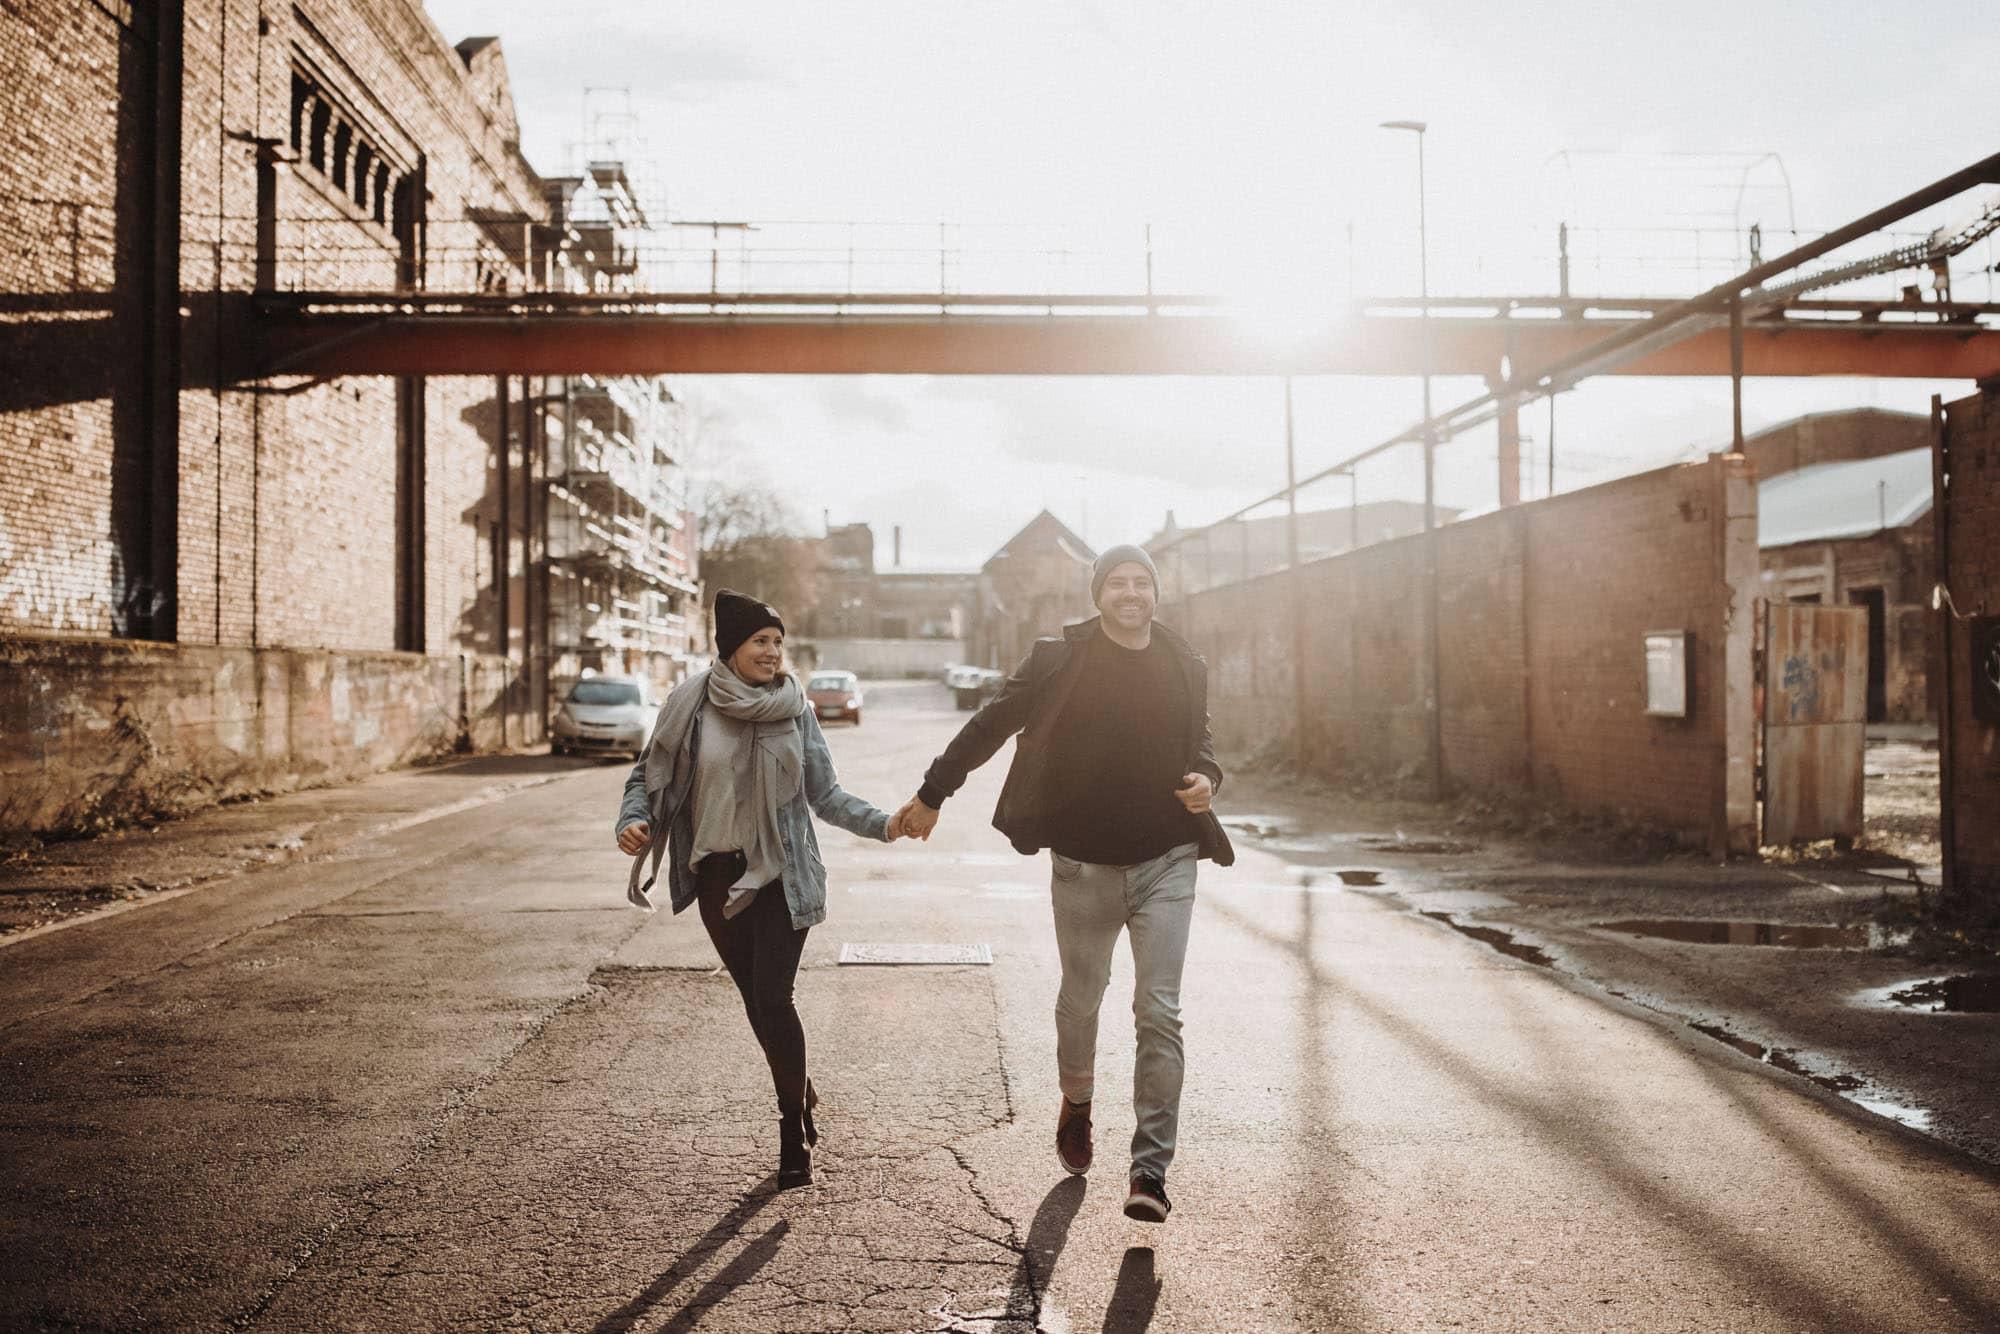 Paar-rennt-im-sonnenlicht-auf-Strasse